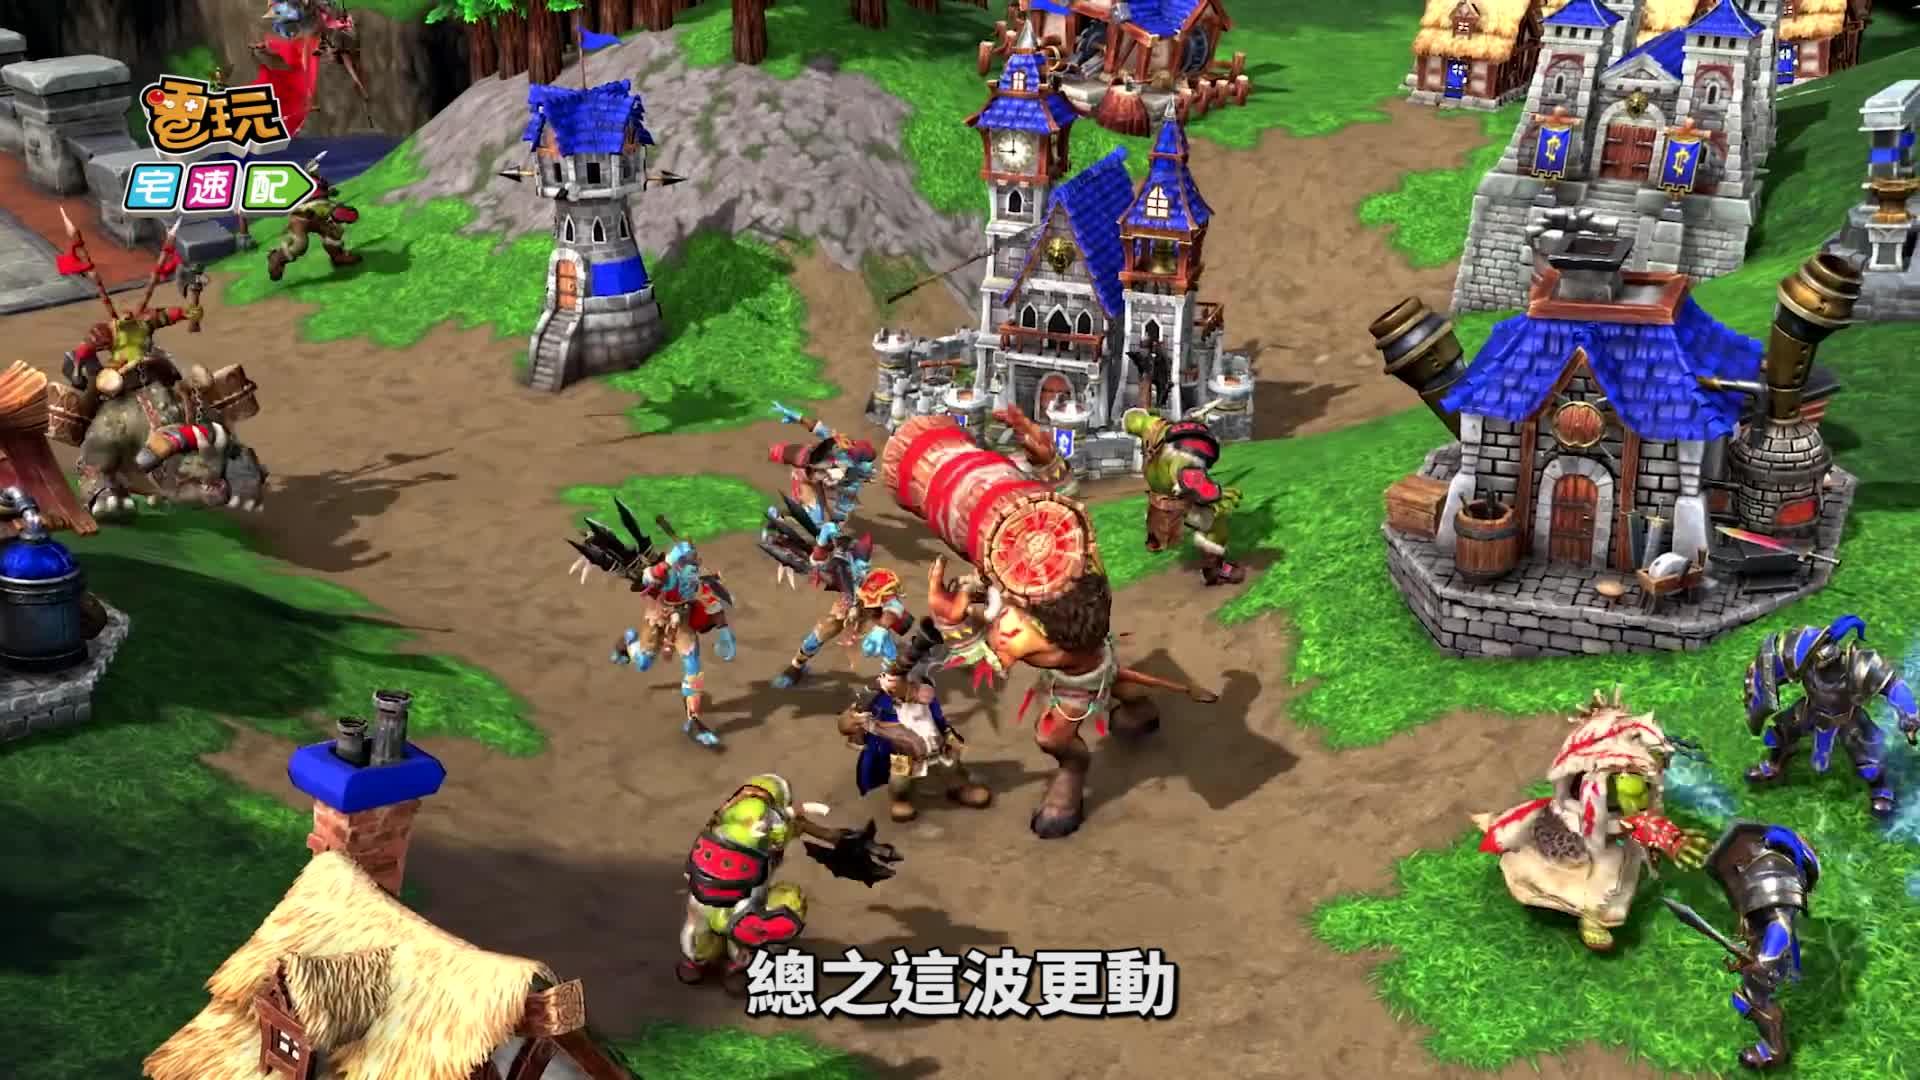 中國限縮未成年玩家遊戲時間《原神》等遊戲率先響應